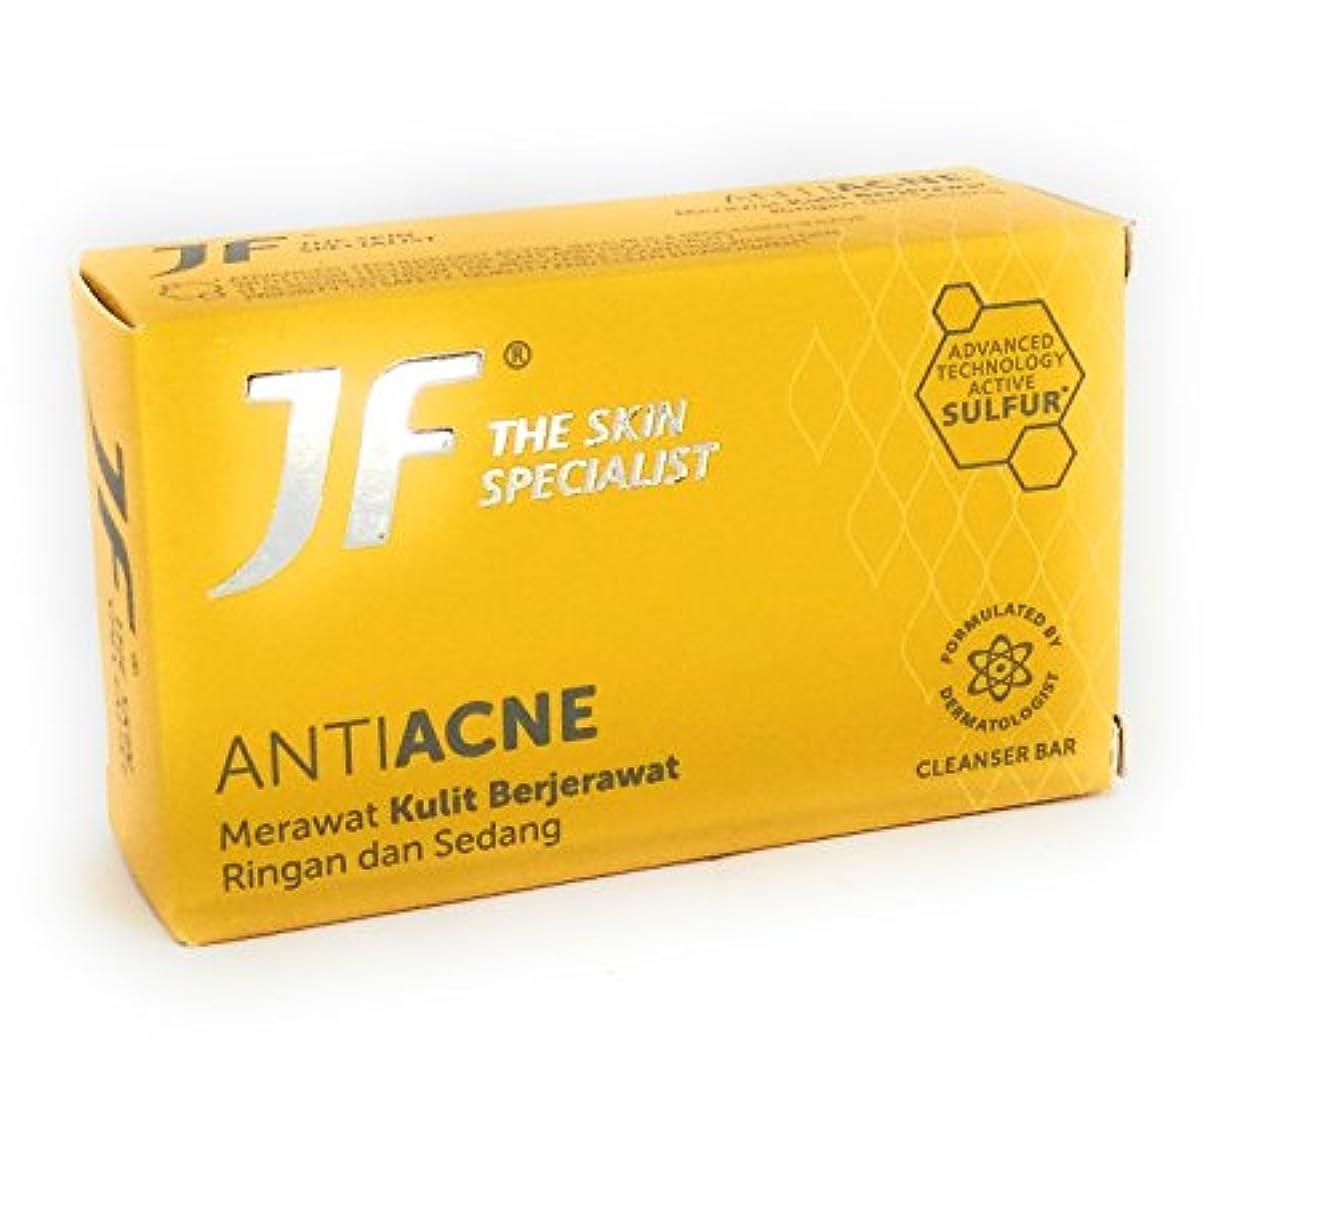 錫あいまいさ医療過誤JF Sulfur 皮膚科専門医アンチにきびケア石鹸jf、65グラム